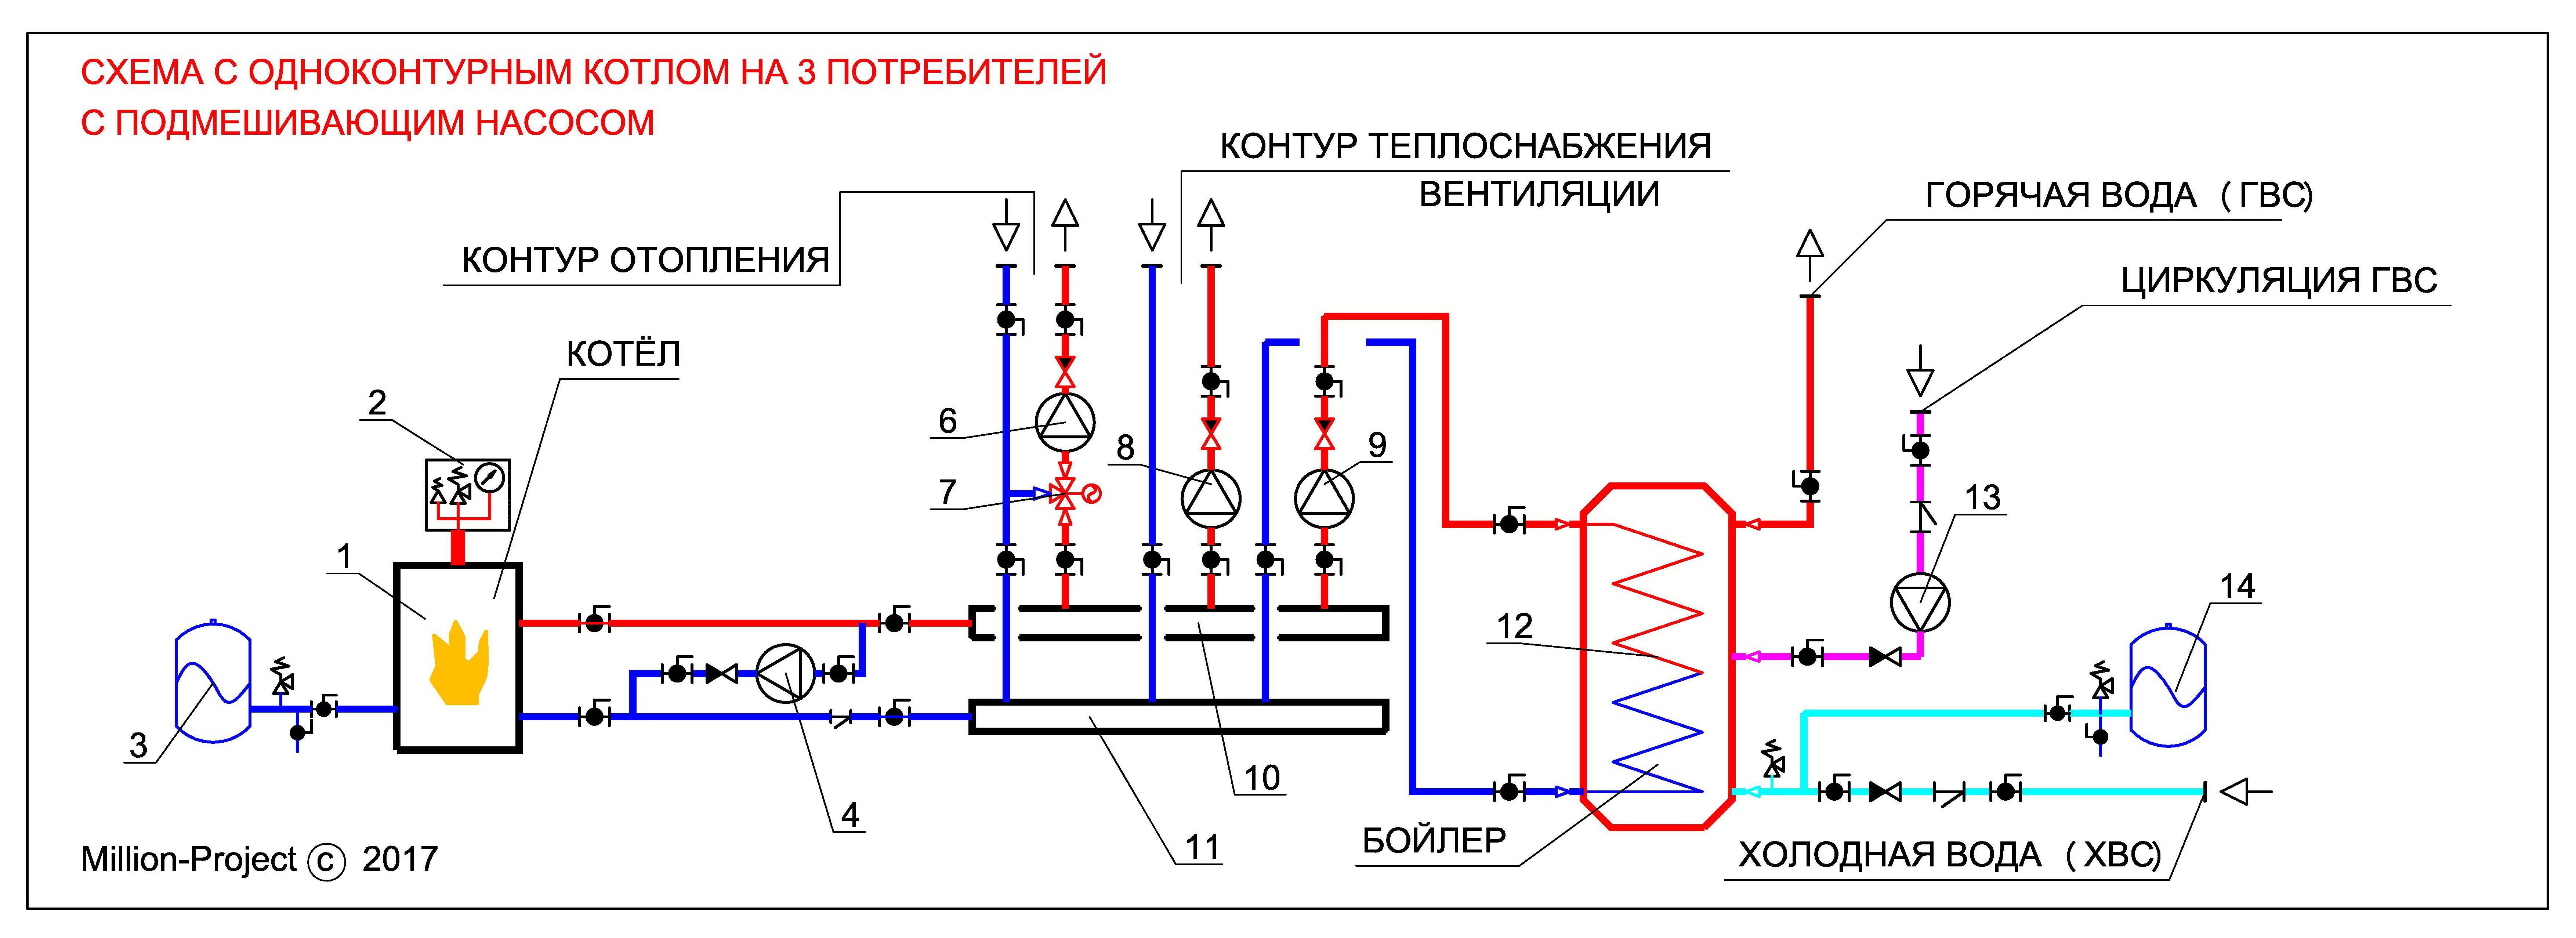 7dbcd188fe626a2e922385d49ec16cc7e6166f64.jpg (7017×2555)